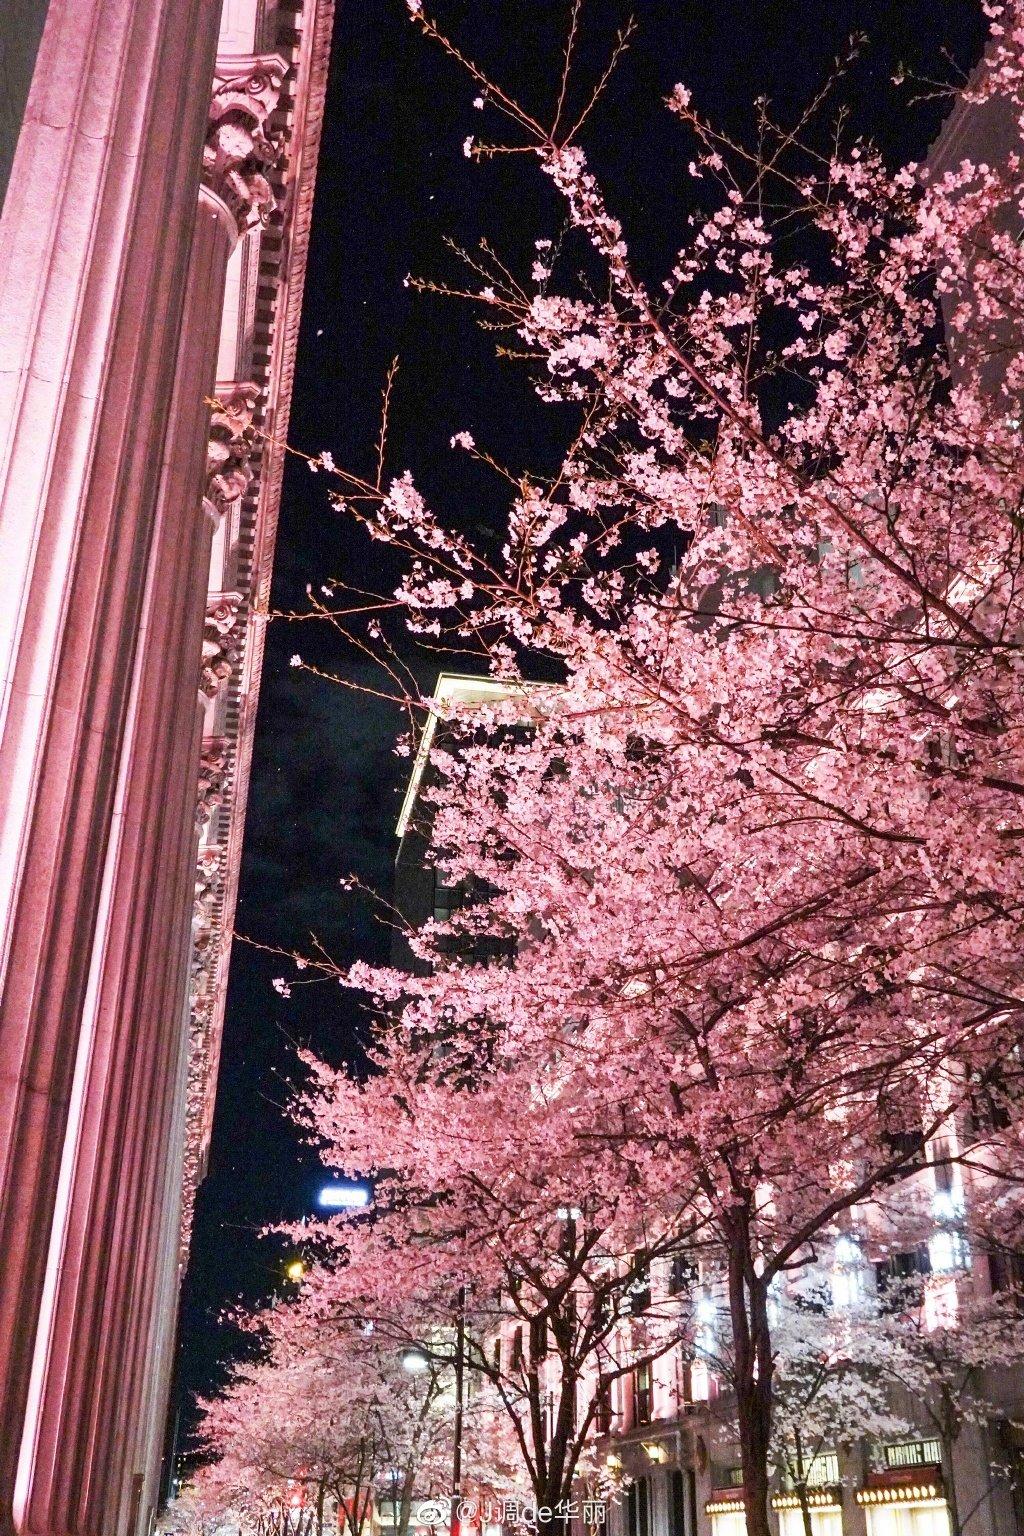 六义园、目黑川、千鸟渊、日本桥江户樱花隧道……在东京的夜晚